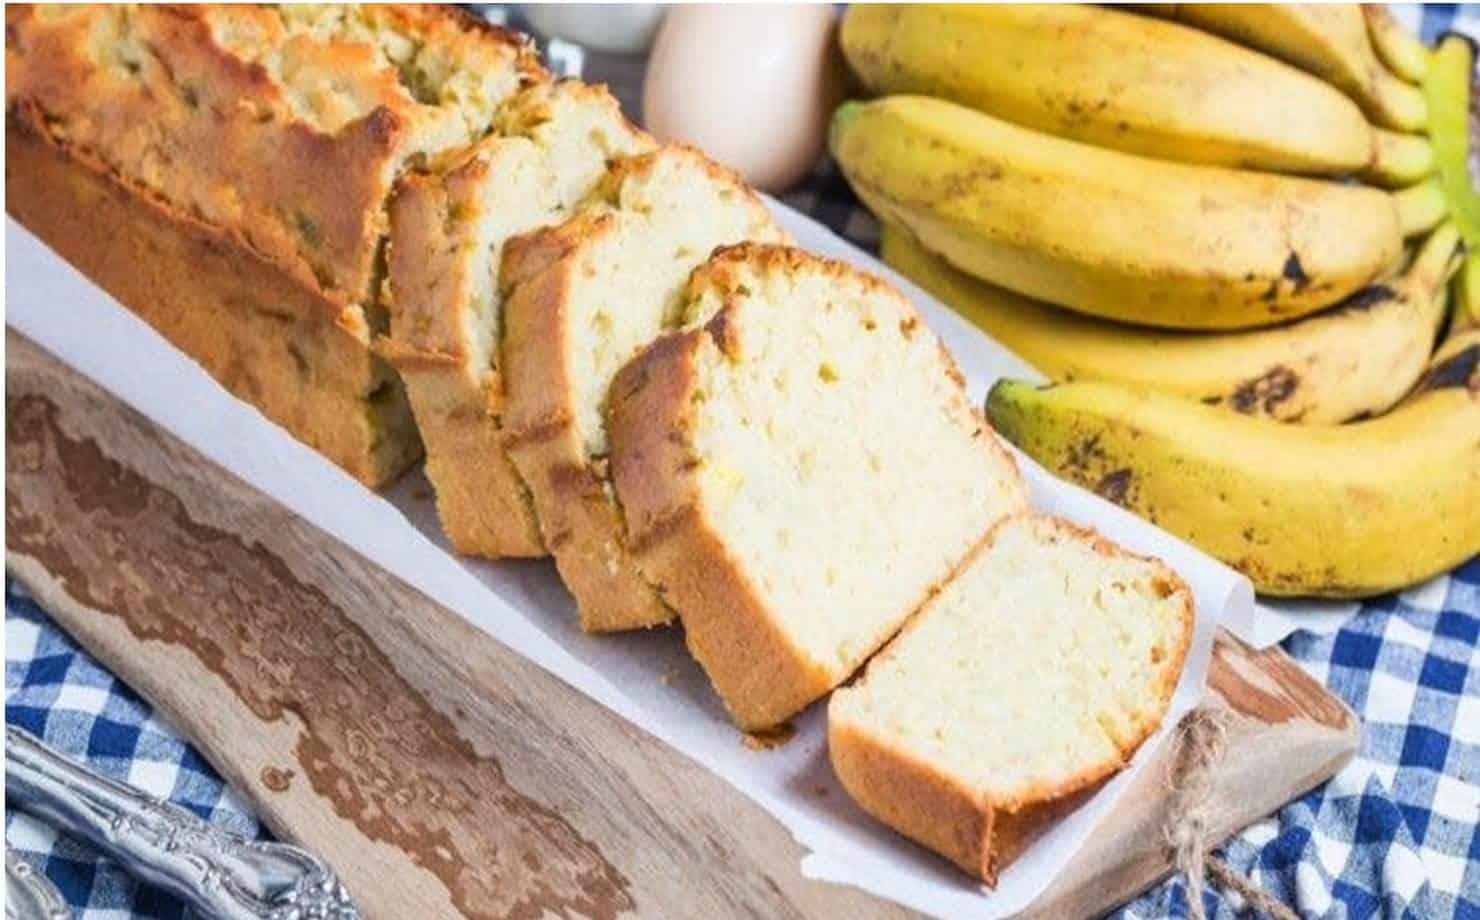 Aprenda a fazer um saboroso pão de banana fofinho